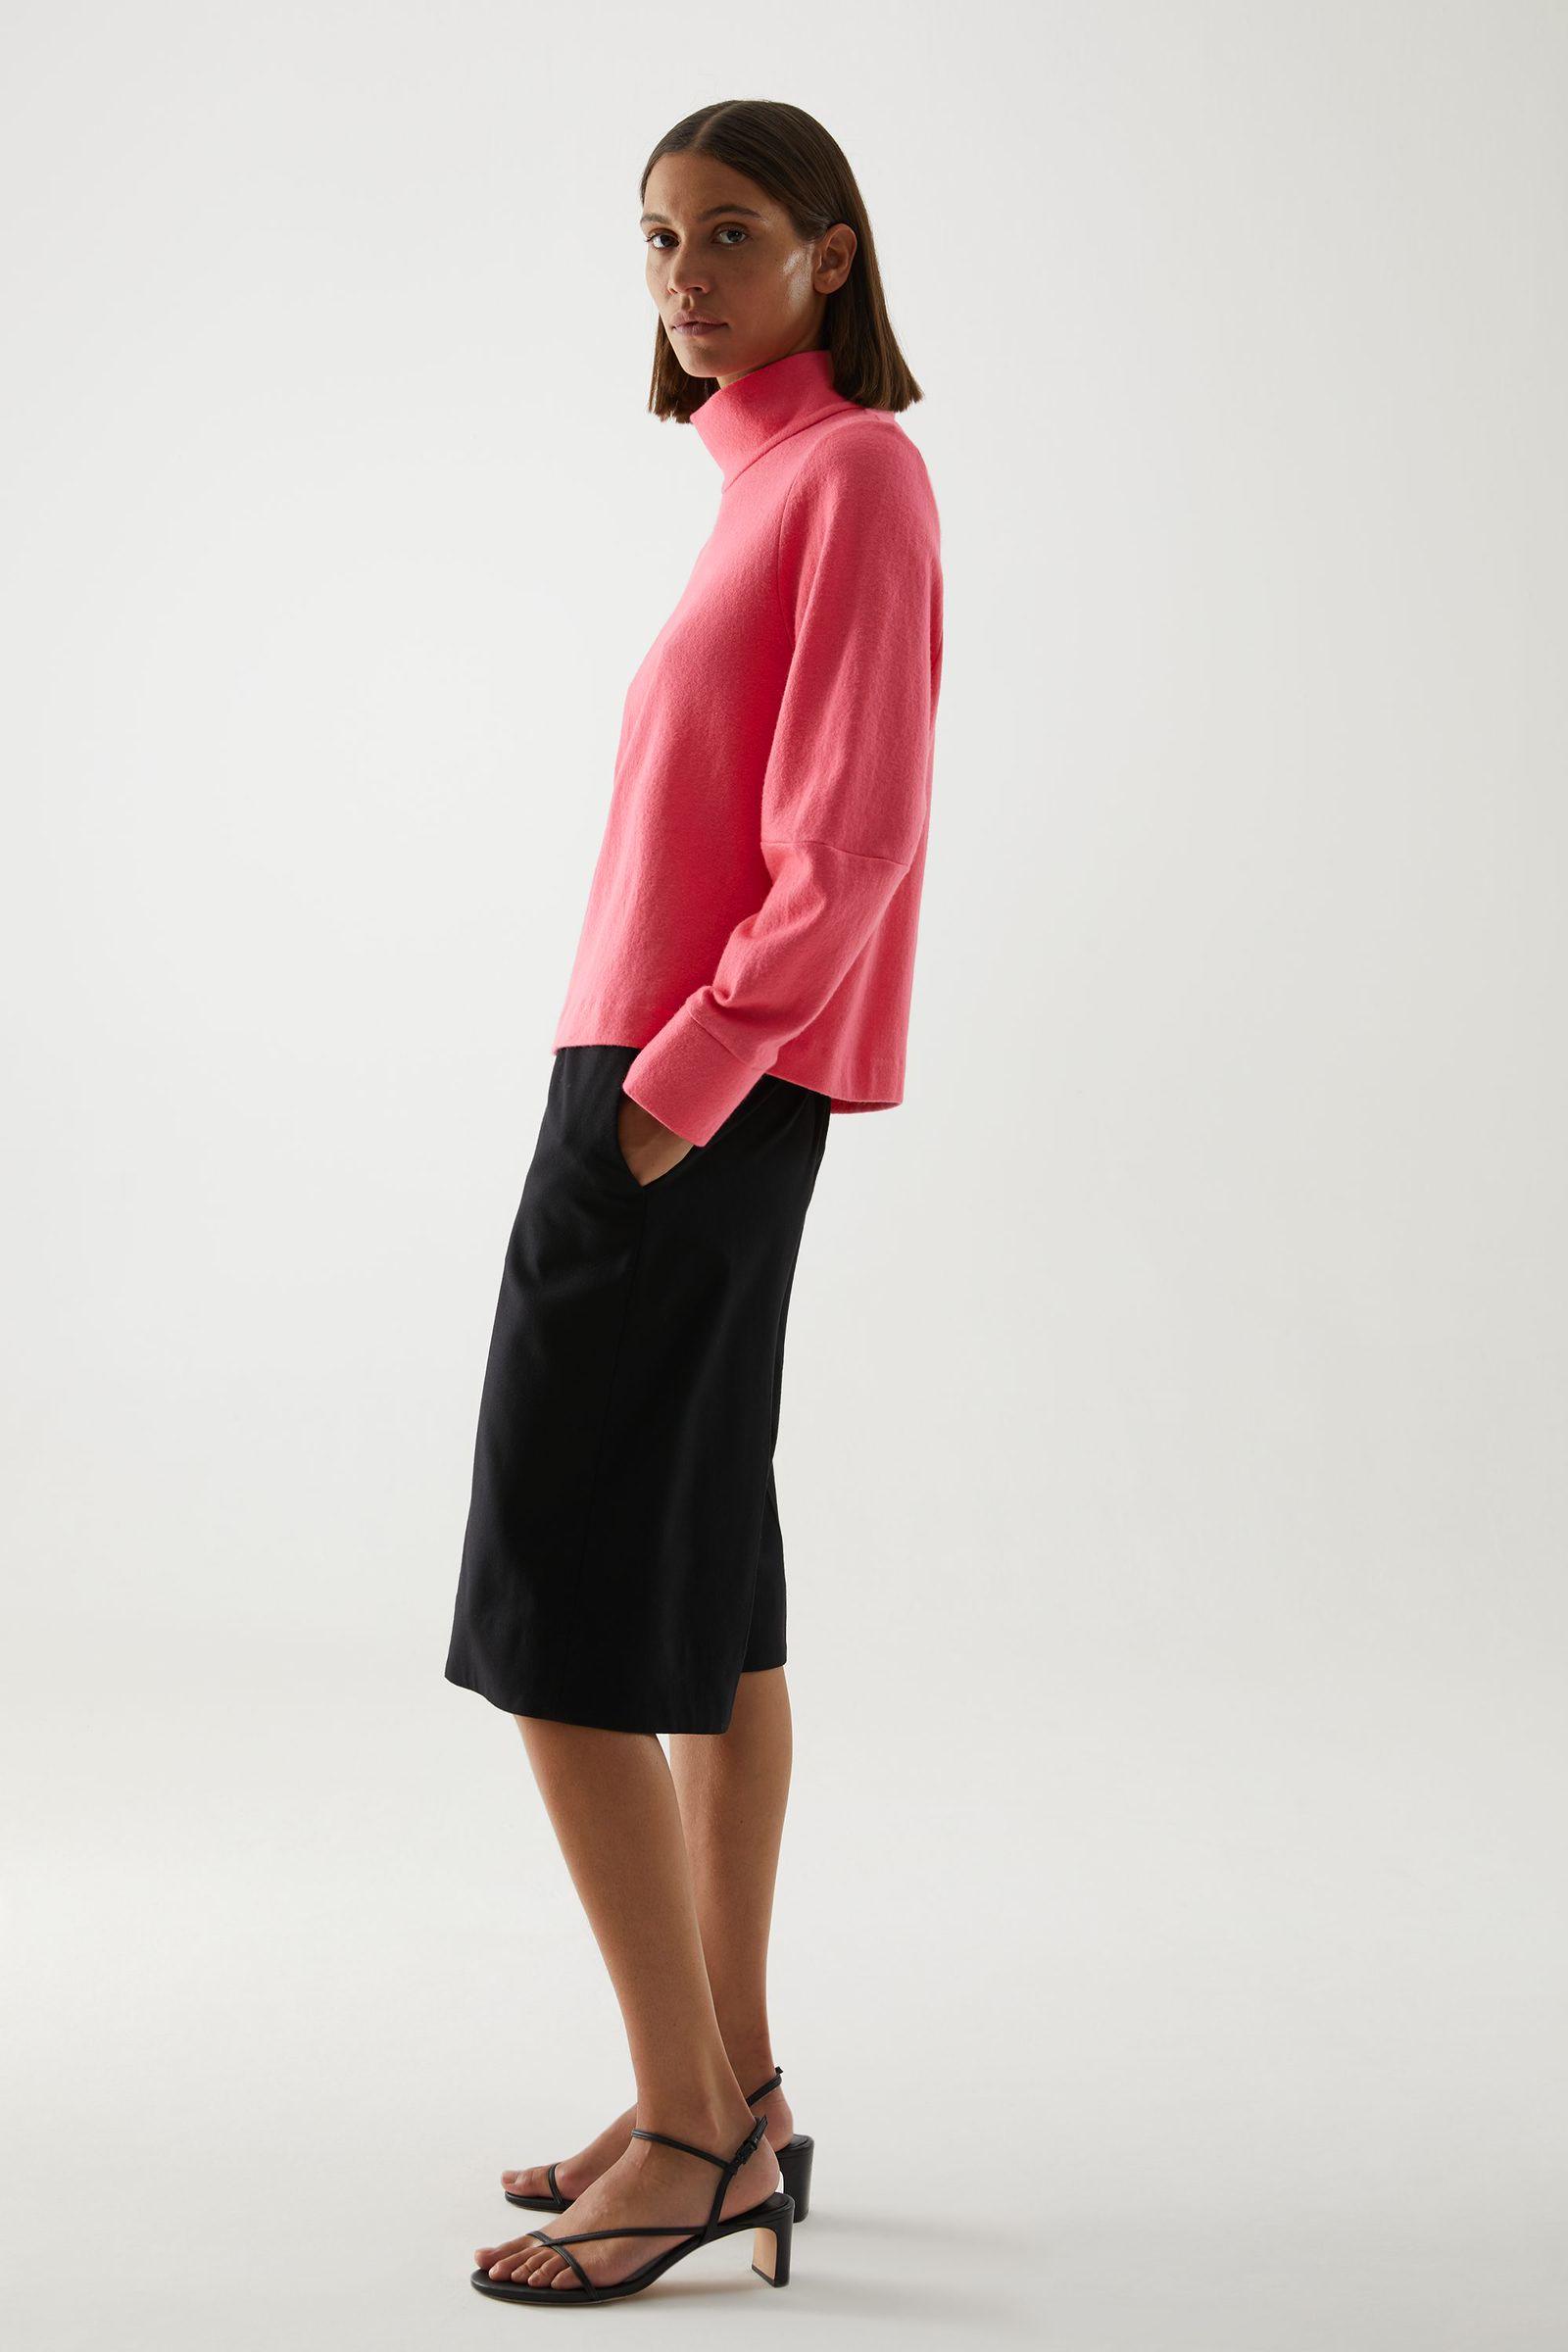 COS 메리노 울 오가닉 코튼 믹스 롤넥 스트럭처드 스웨터의 핑크컬러 ECOMLook입니다.